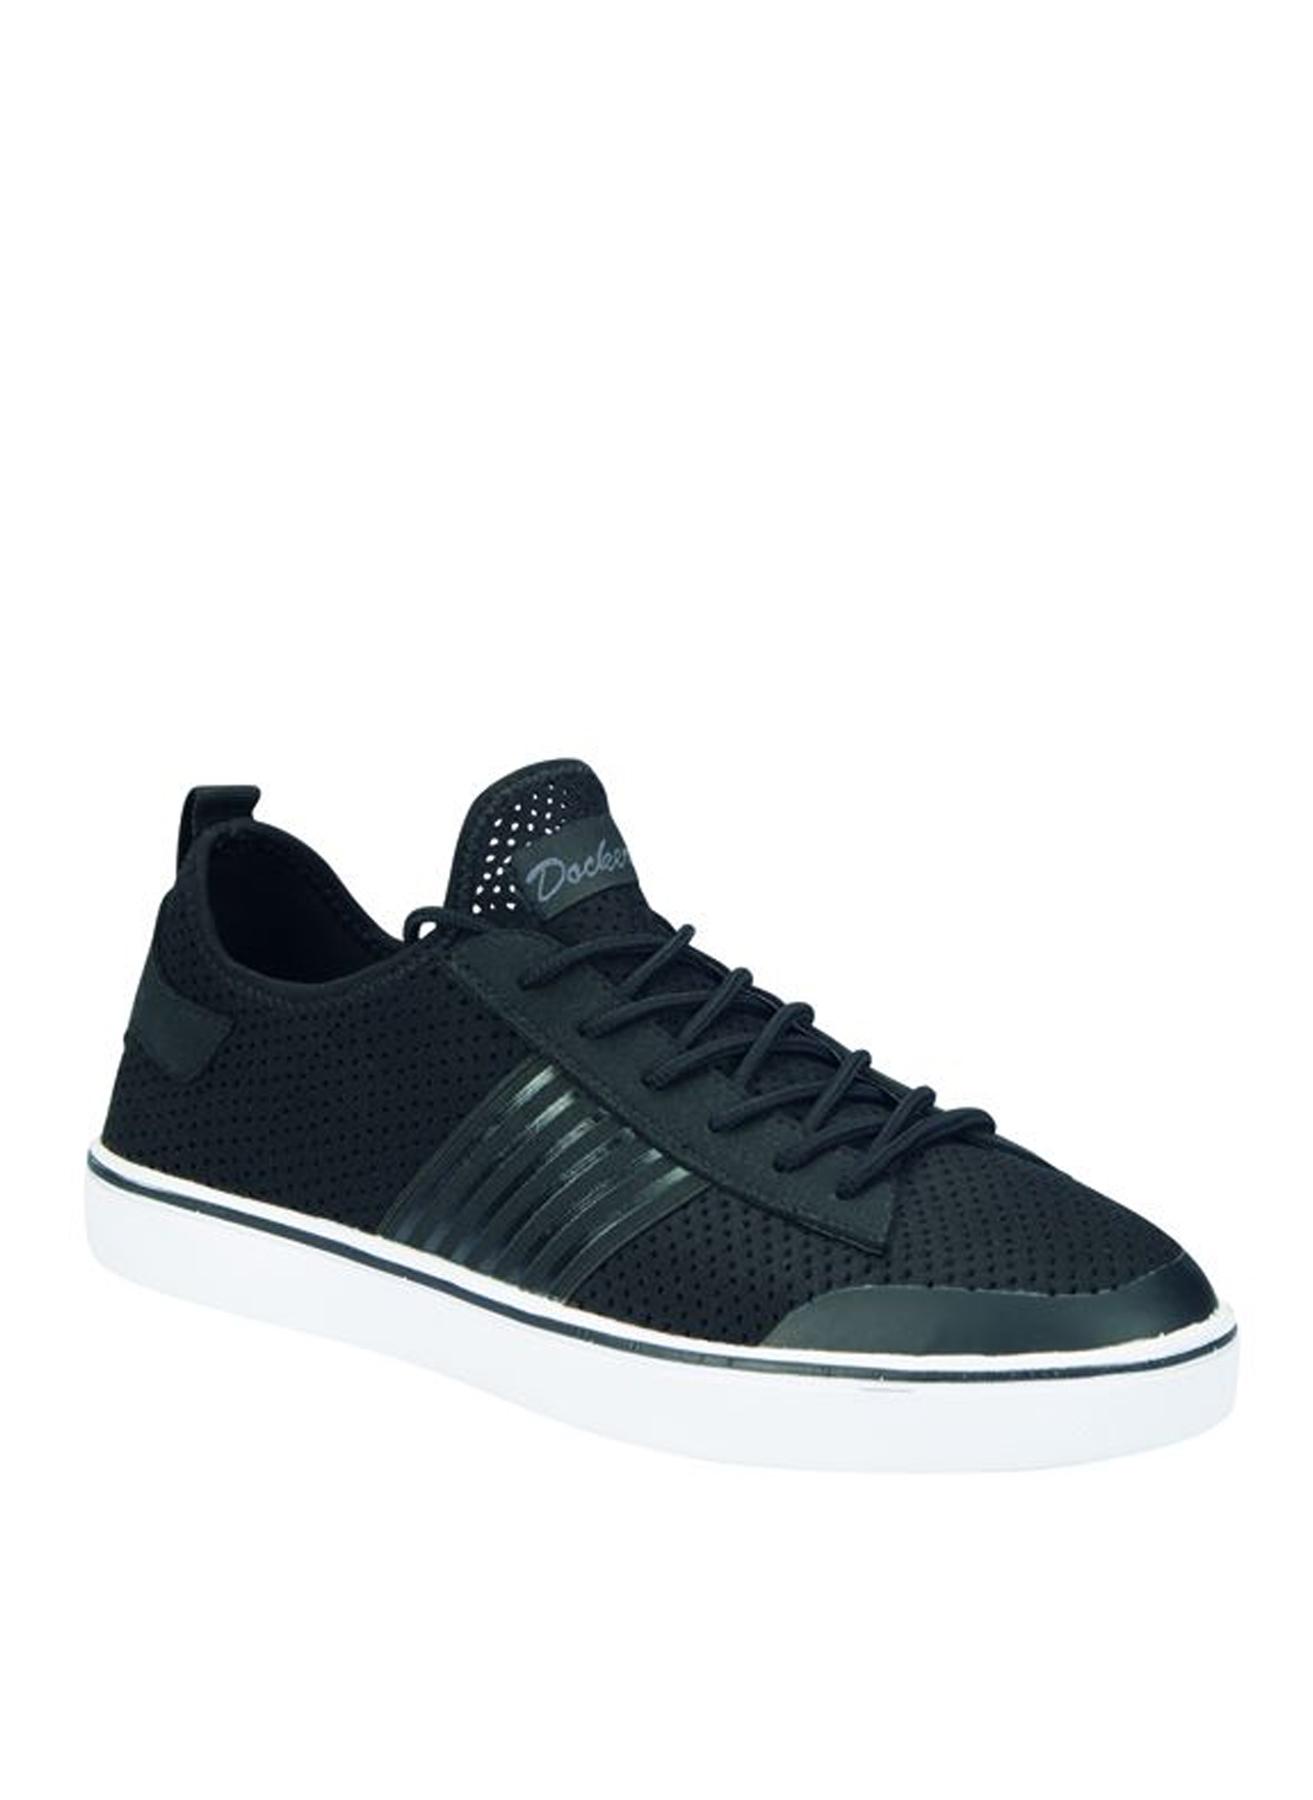 Dockers Günlük Ayakkabı 42 5001911497003 Ürün Resmi